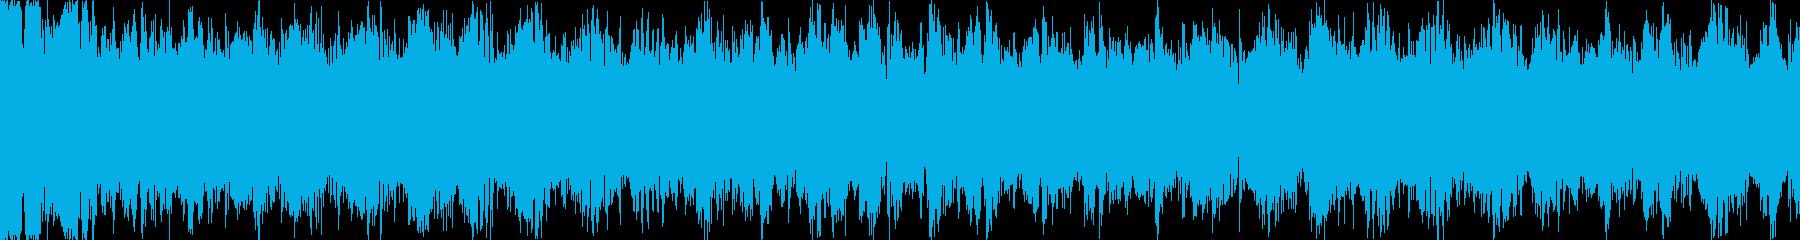 【ループA】パワフルで高揚感ピアノEDMの再生済みの波形